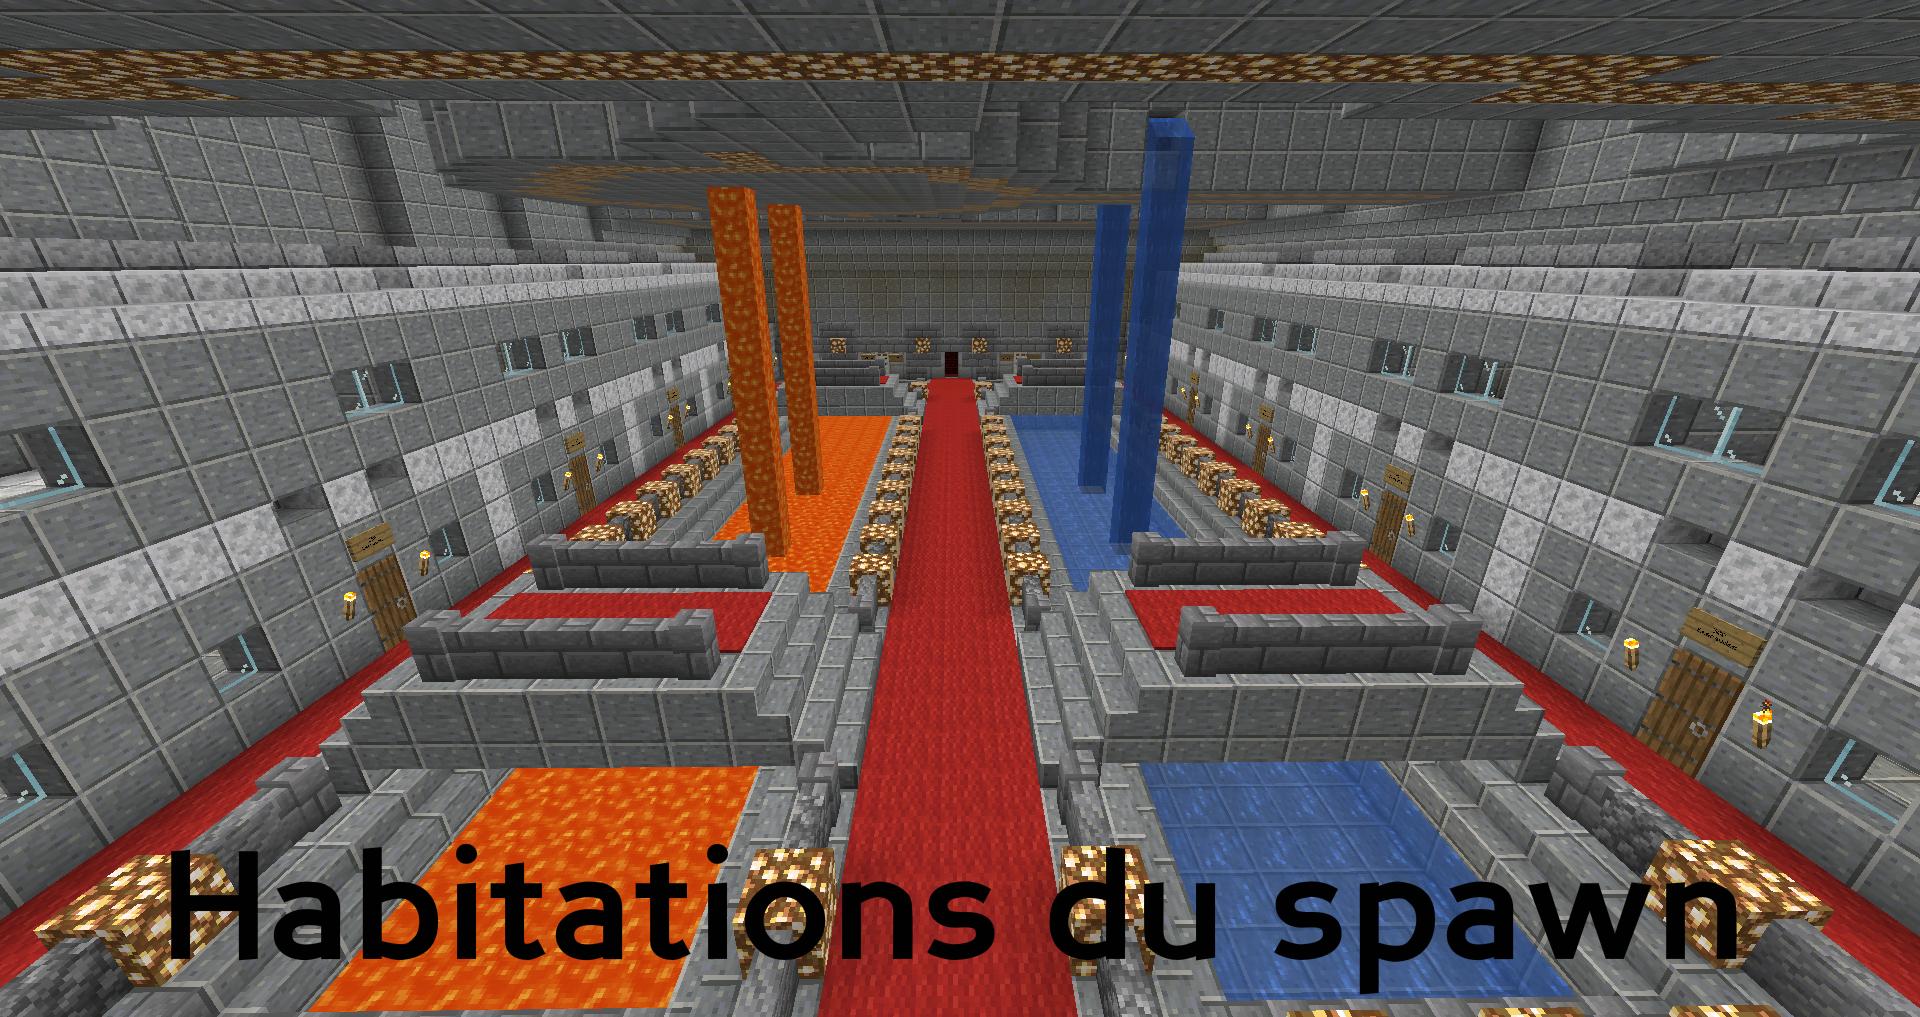 Habitations du spawn.jpg